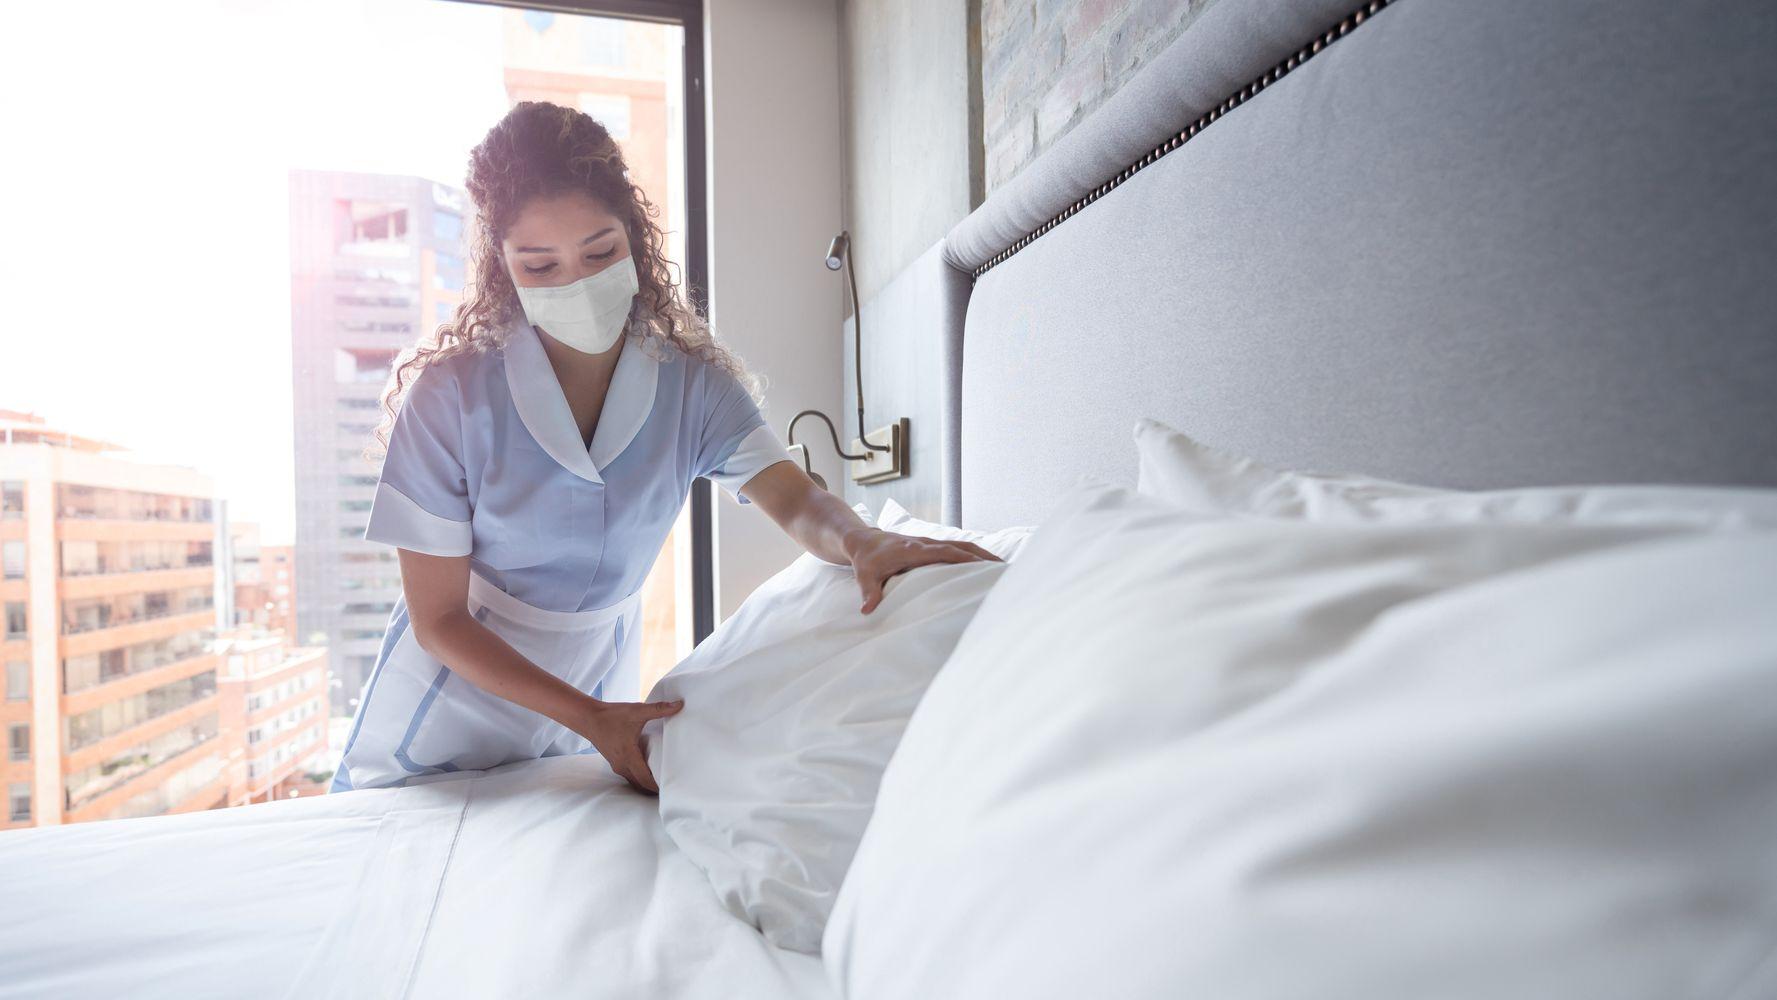 Experts Predict How Coronavirus May Change Hotel Stays